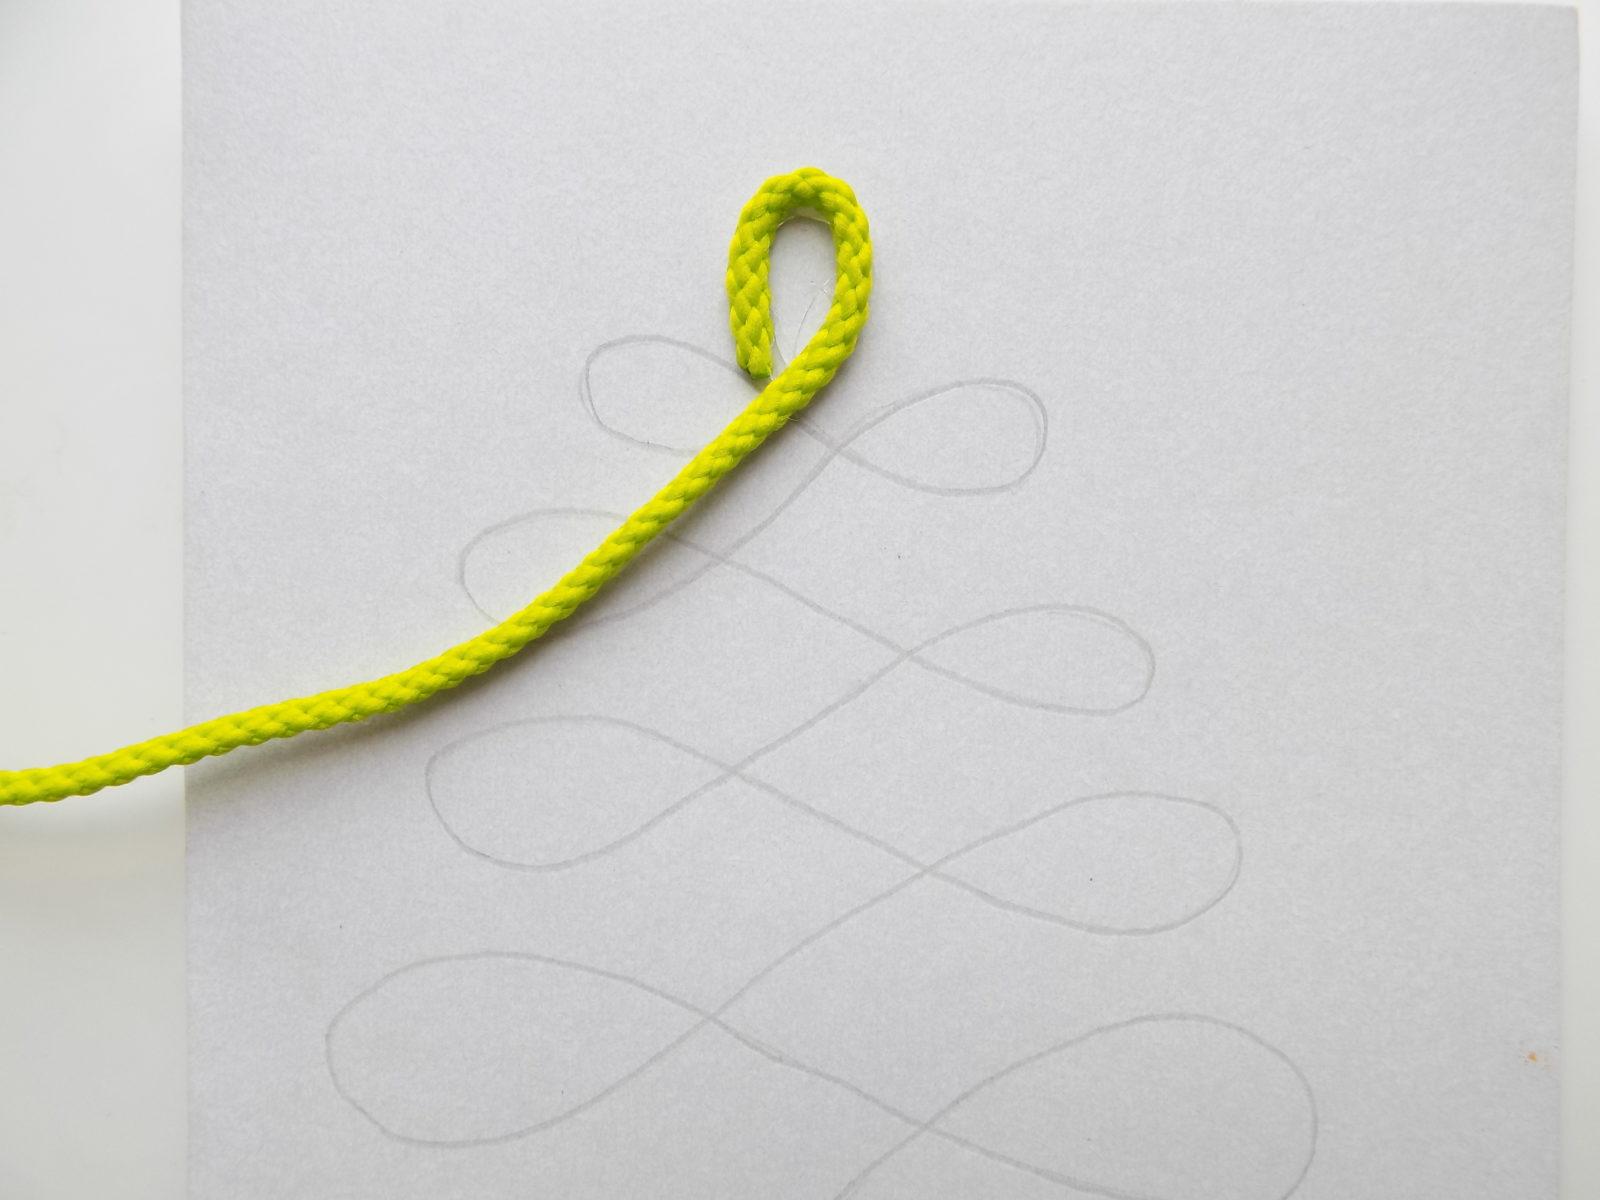 Новогодняя открытка с елочкой из шнура - 4